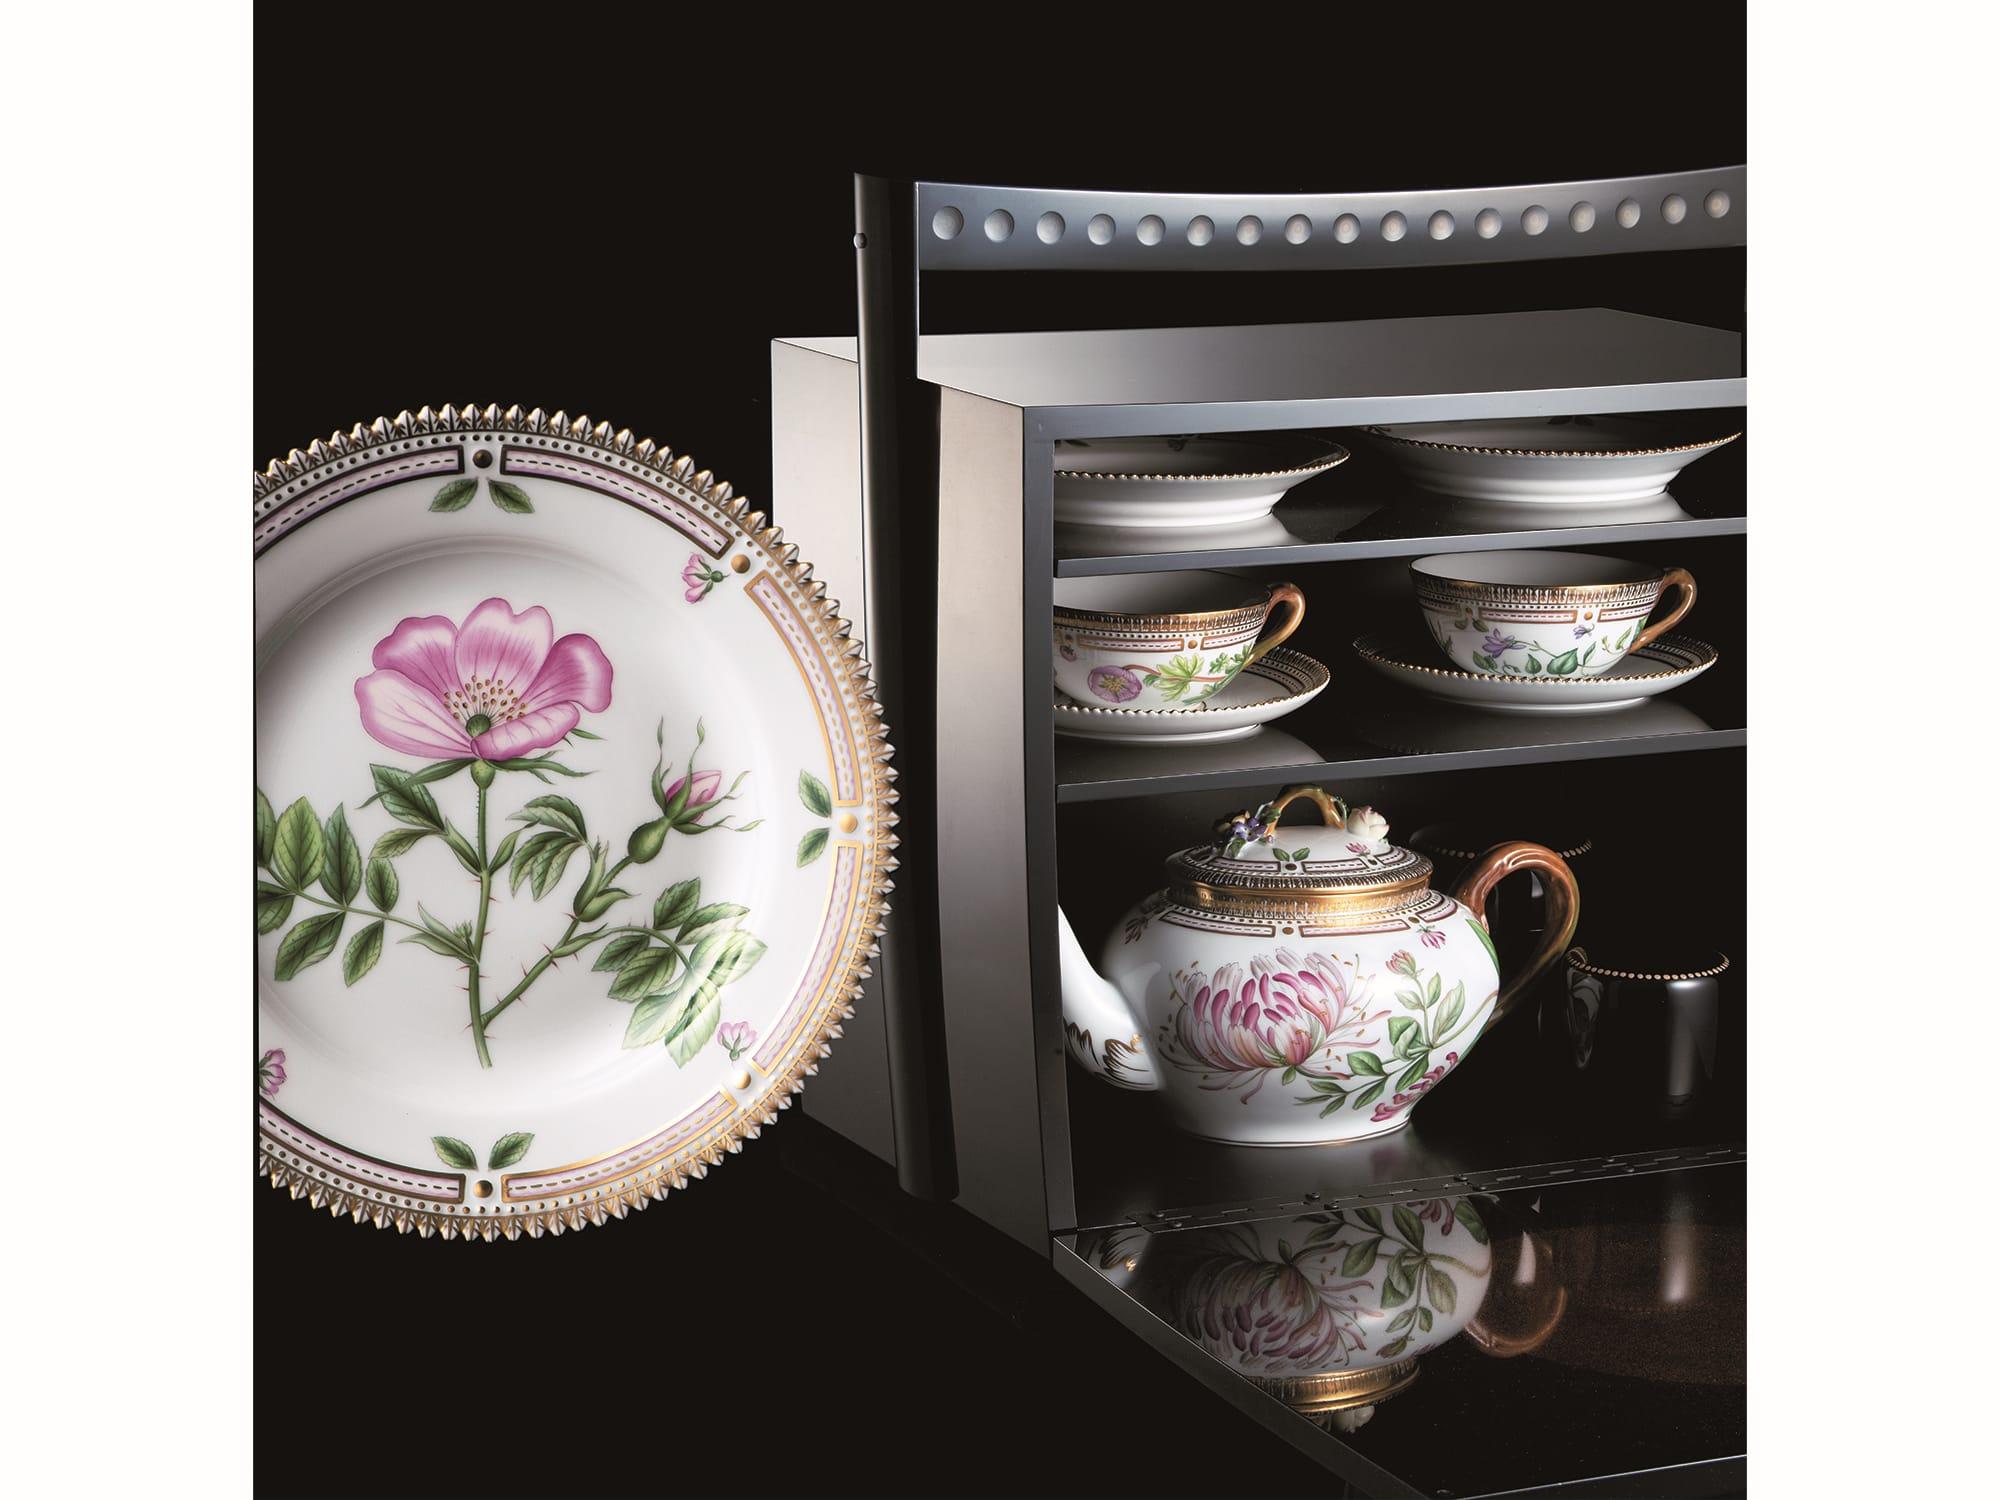 「望」野点小箪笥は、ローザメントーサのデザートプレート、ビオラとラナンキュラスのティーカップ&ソーサーなど、2名用の揃えとなっている。